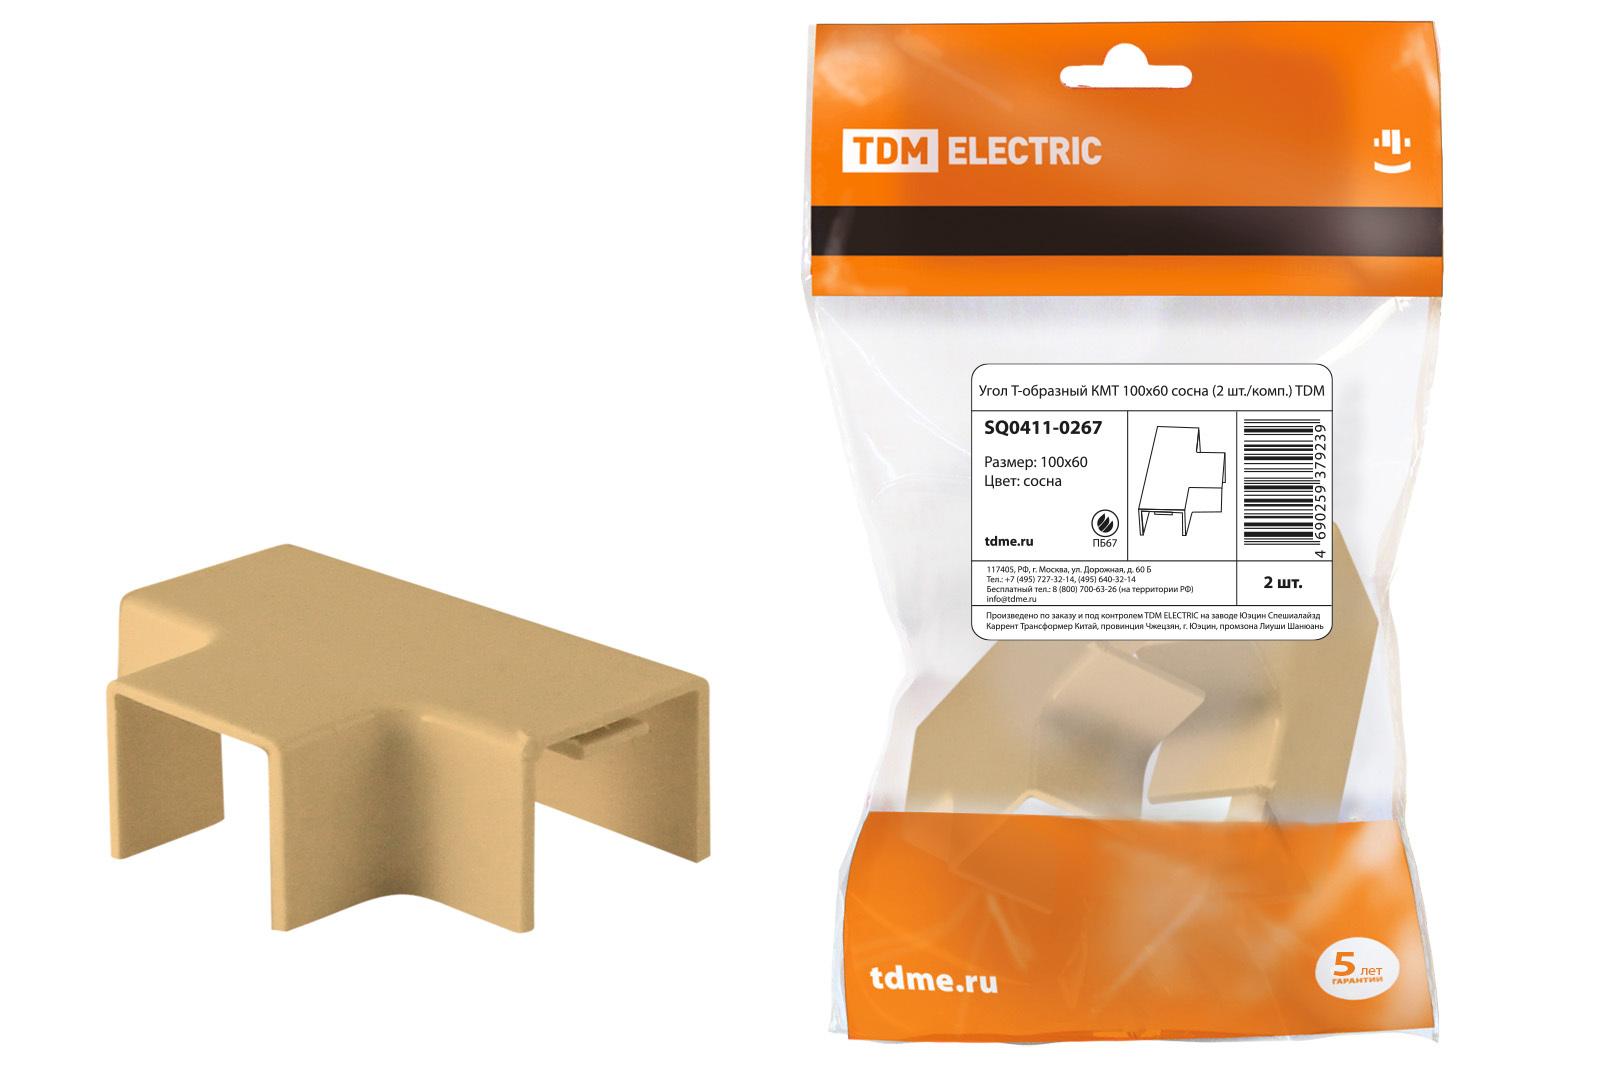 Угол Т-образный КМТ 100х60 сосна (2 шт./комп.) TDM